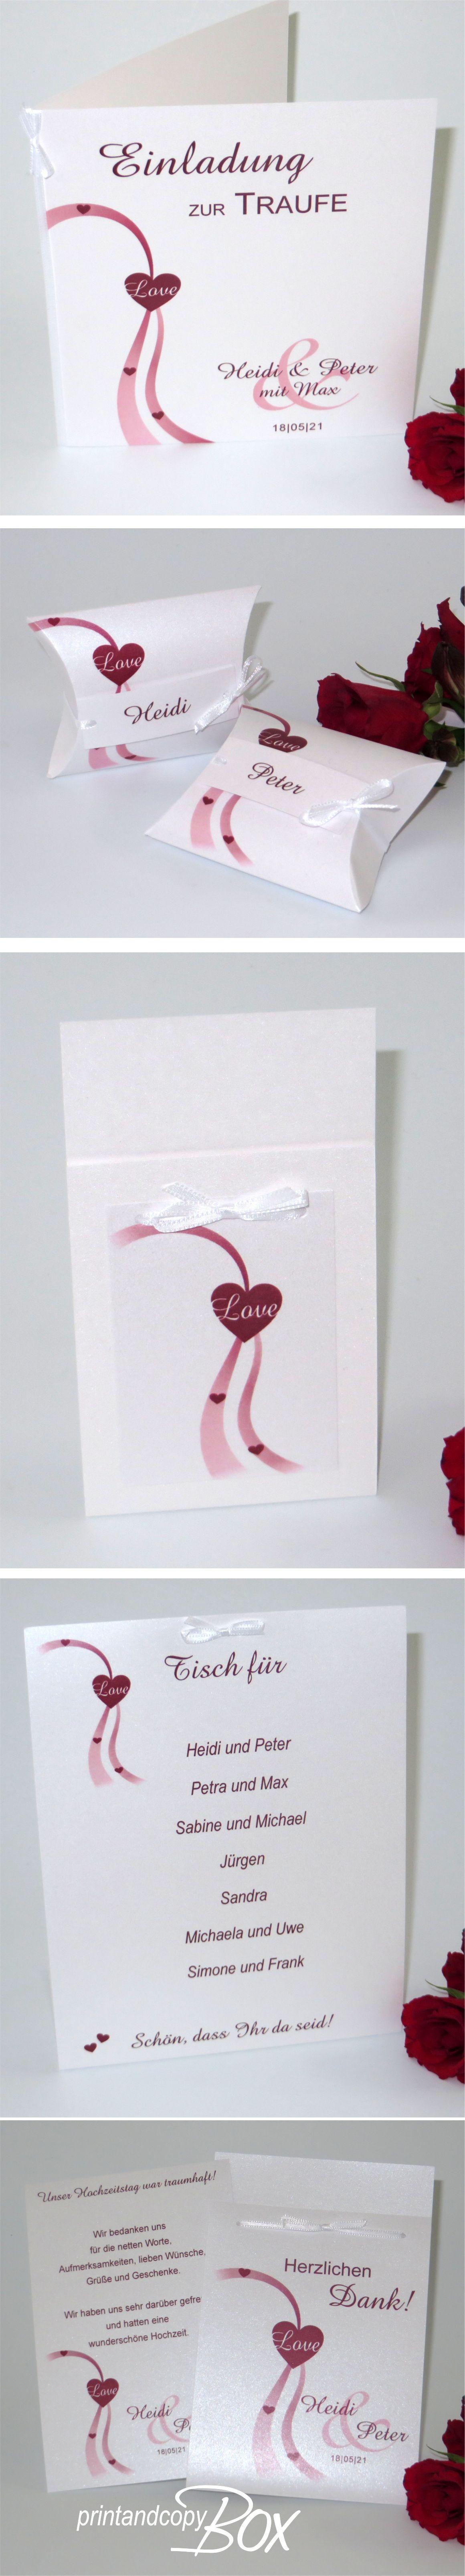 Einladungskarte Und Deko Fur Die Hochzeit Mit Taufe Feiert Eure